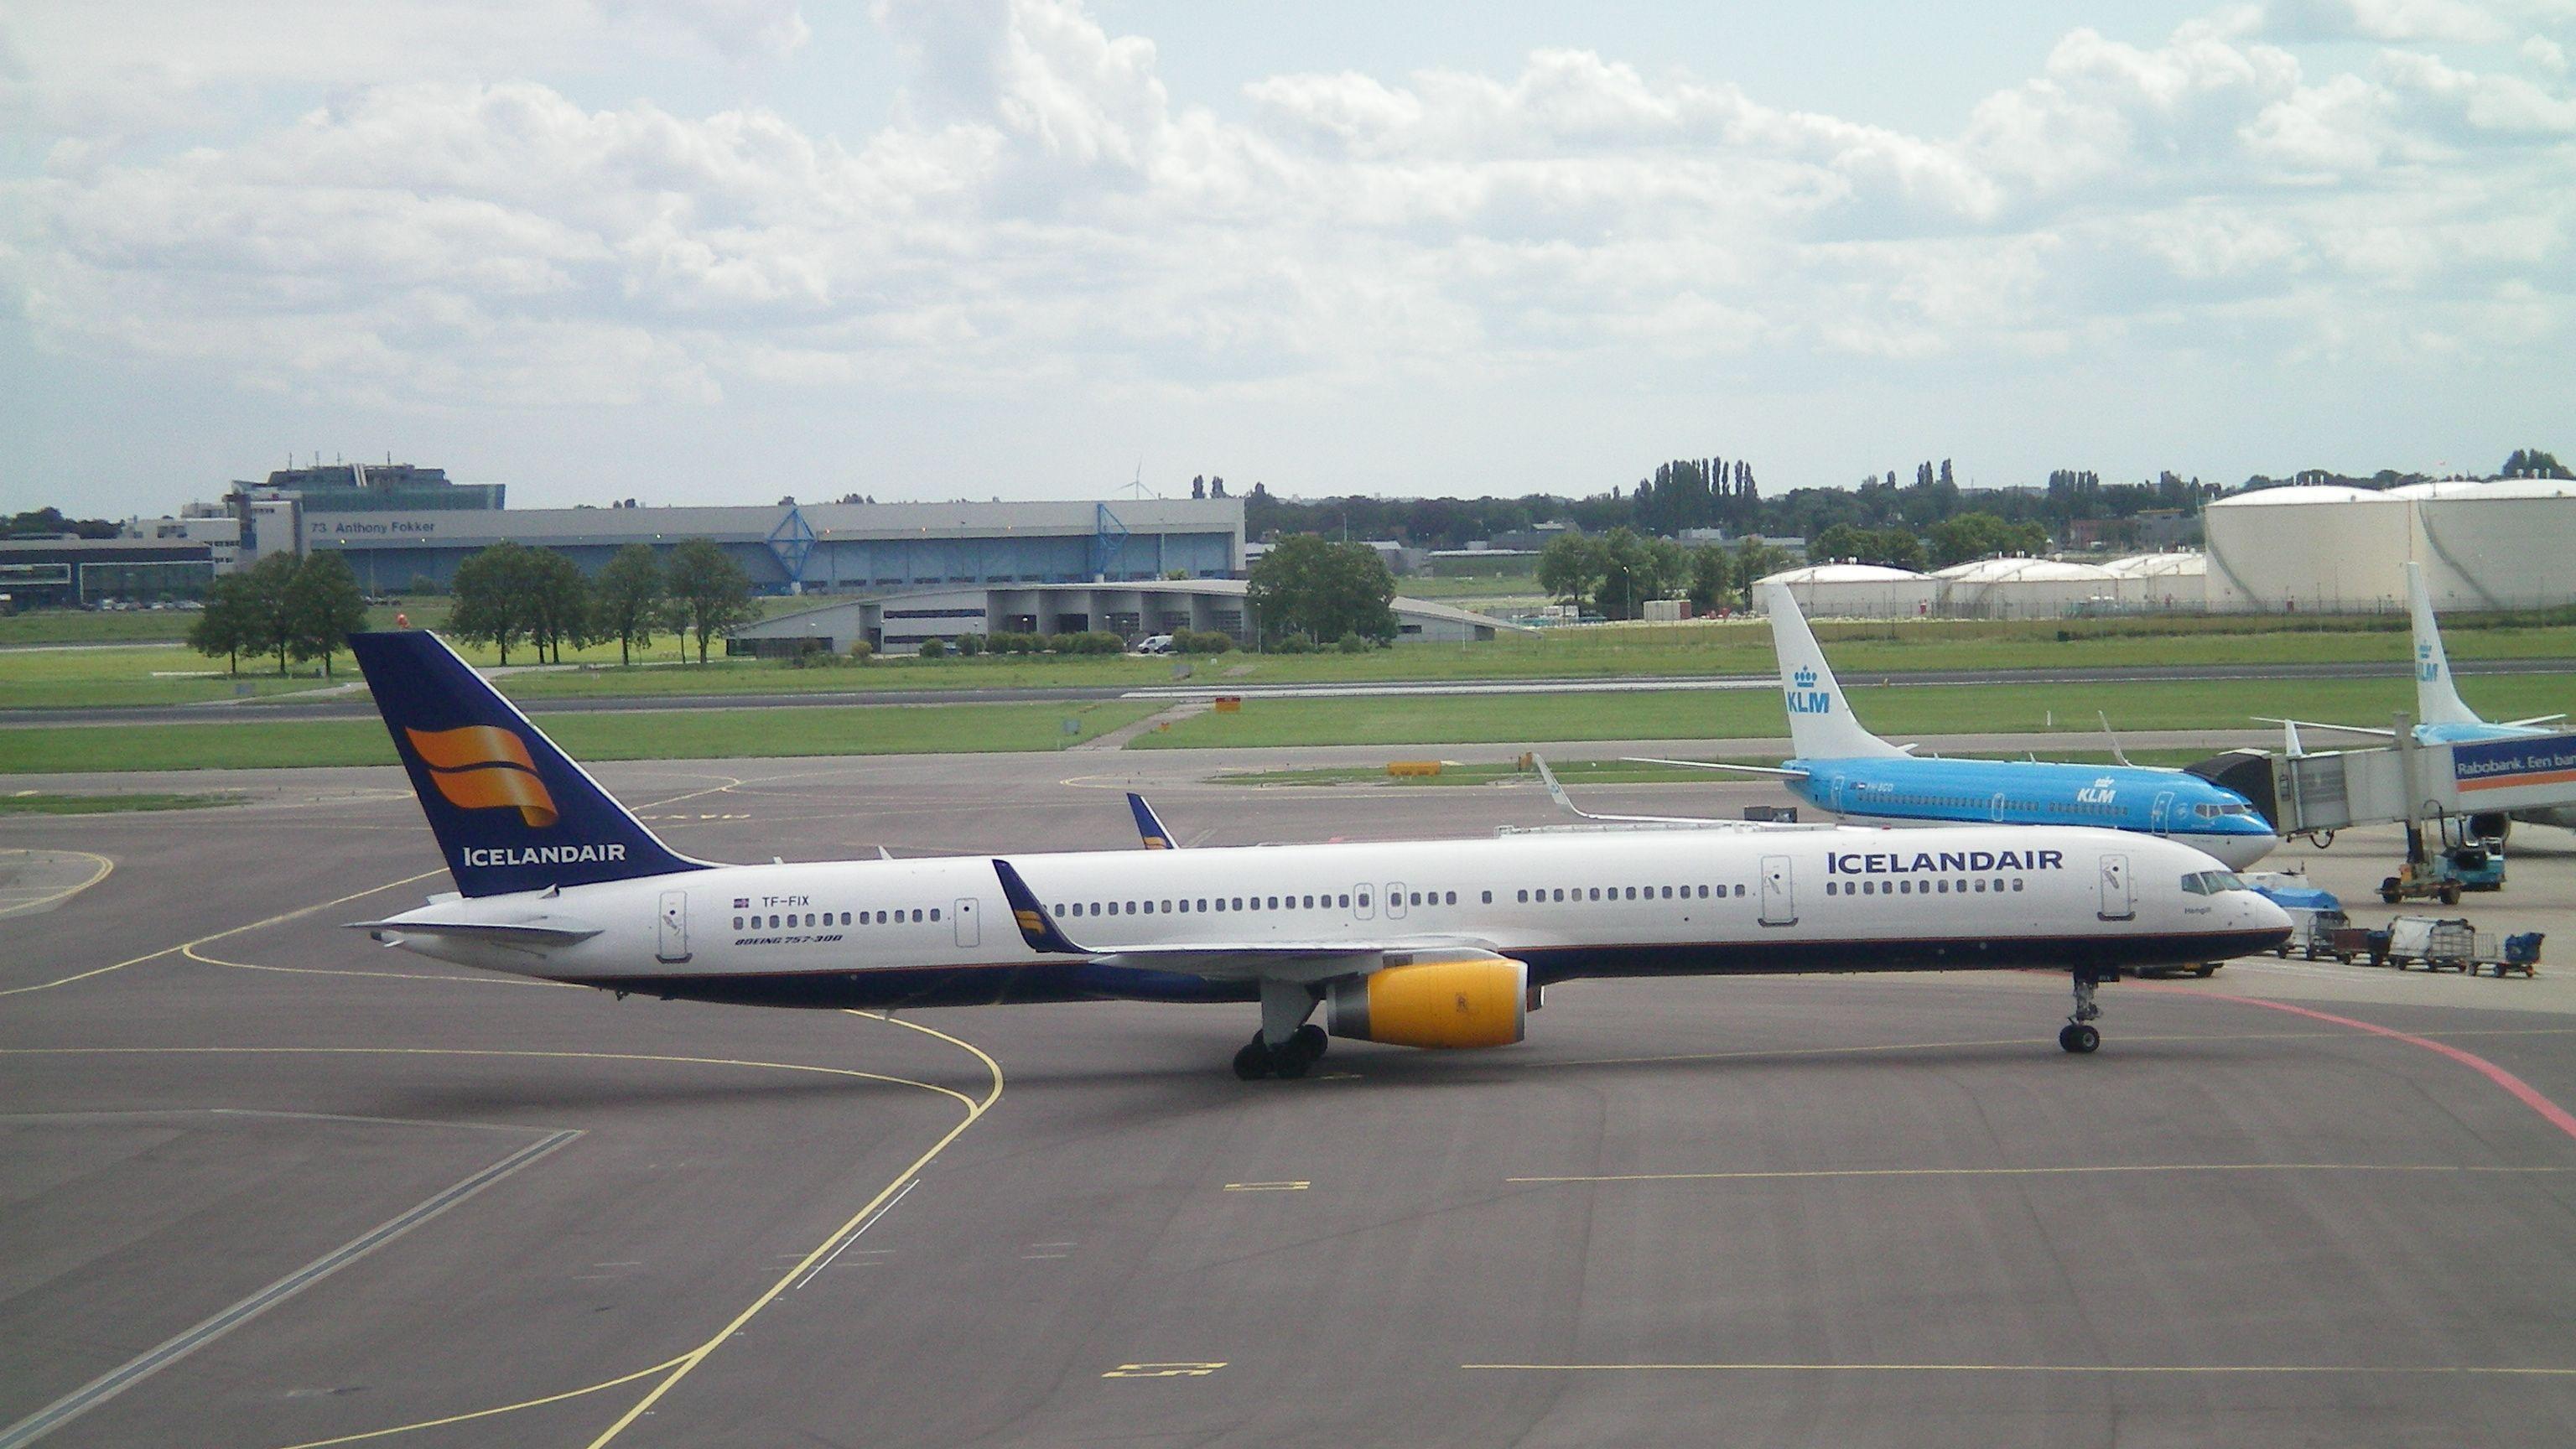 Boeing 757-300 Icelandair aircraft sticker